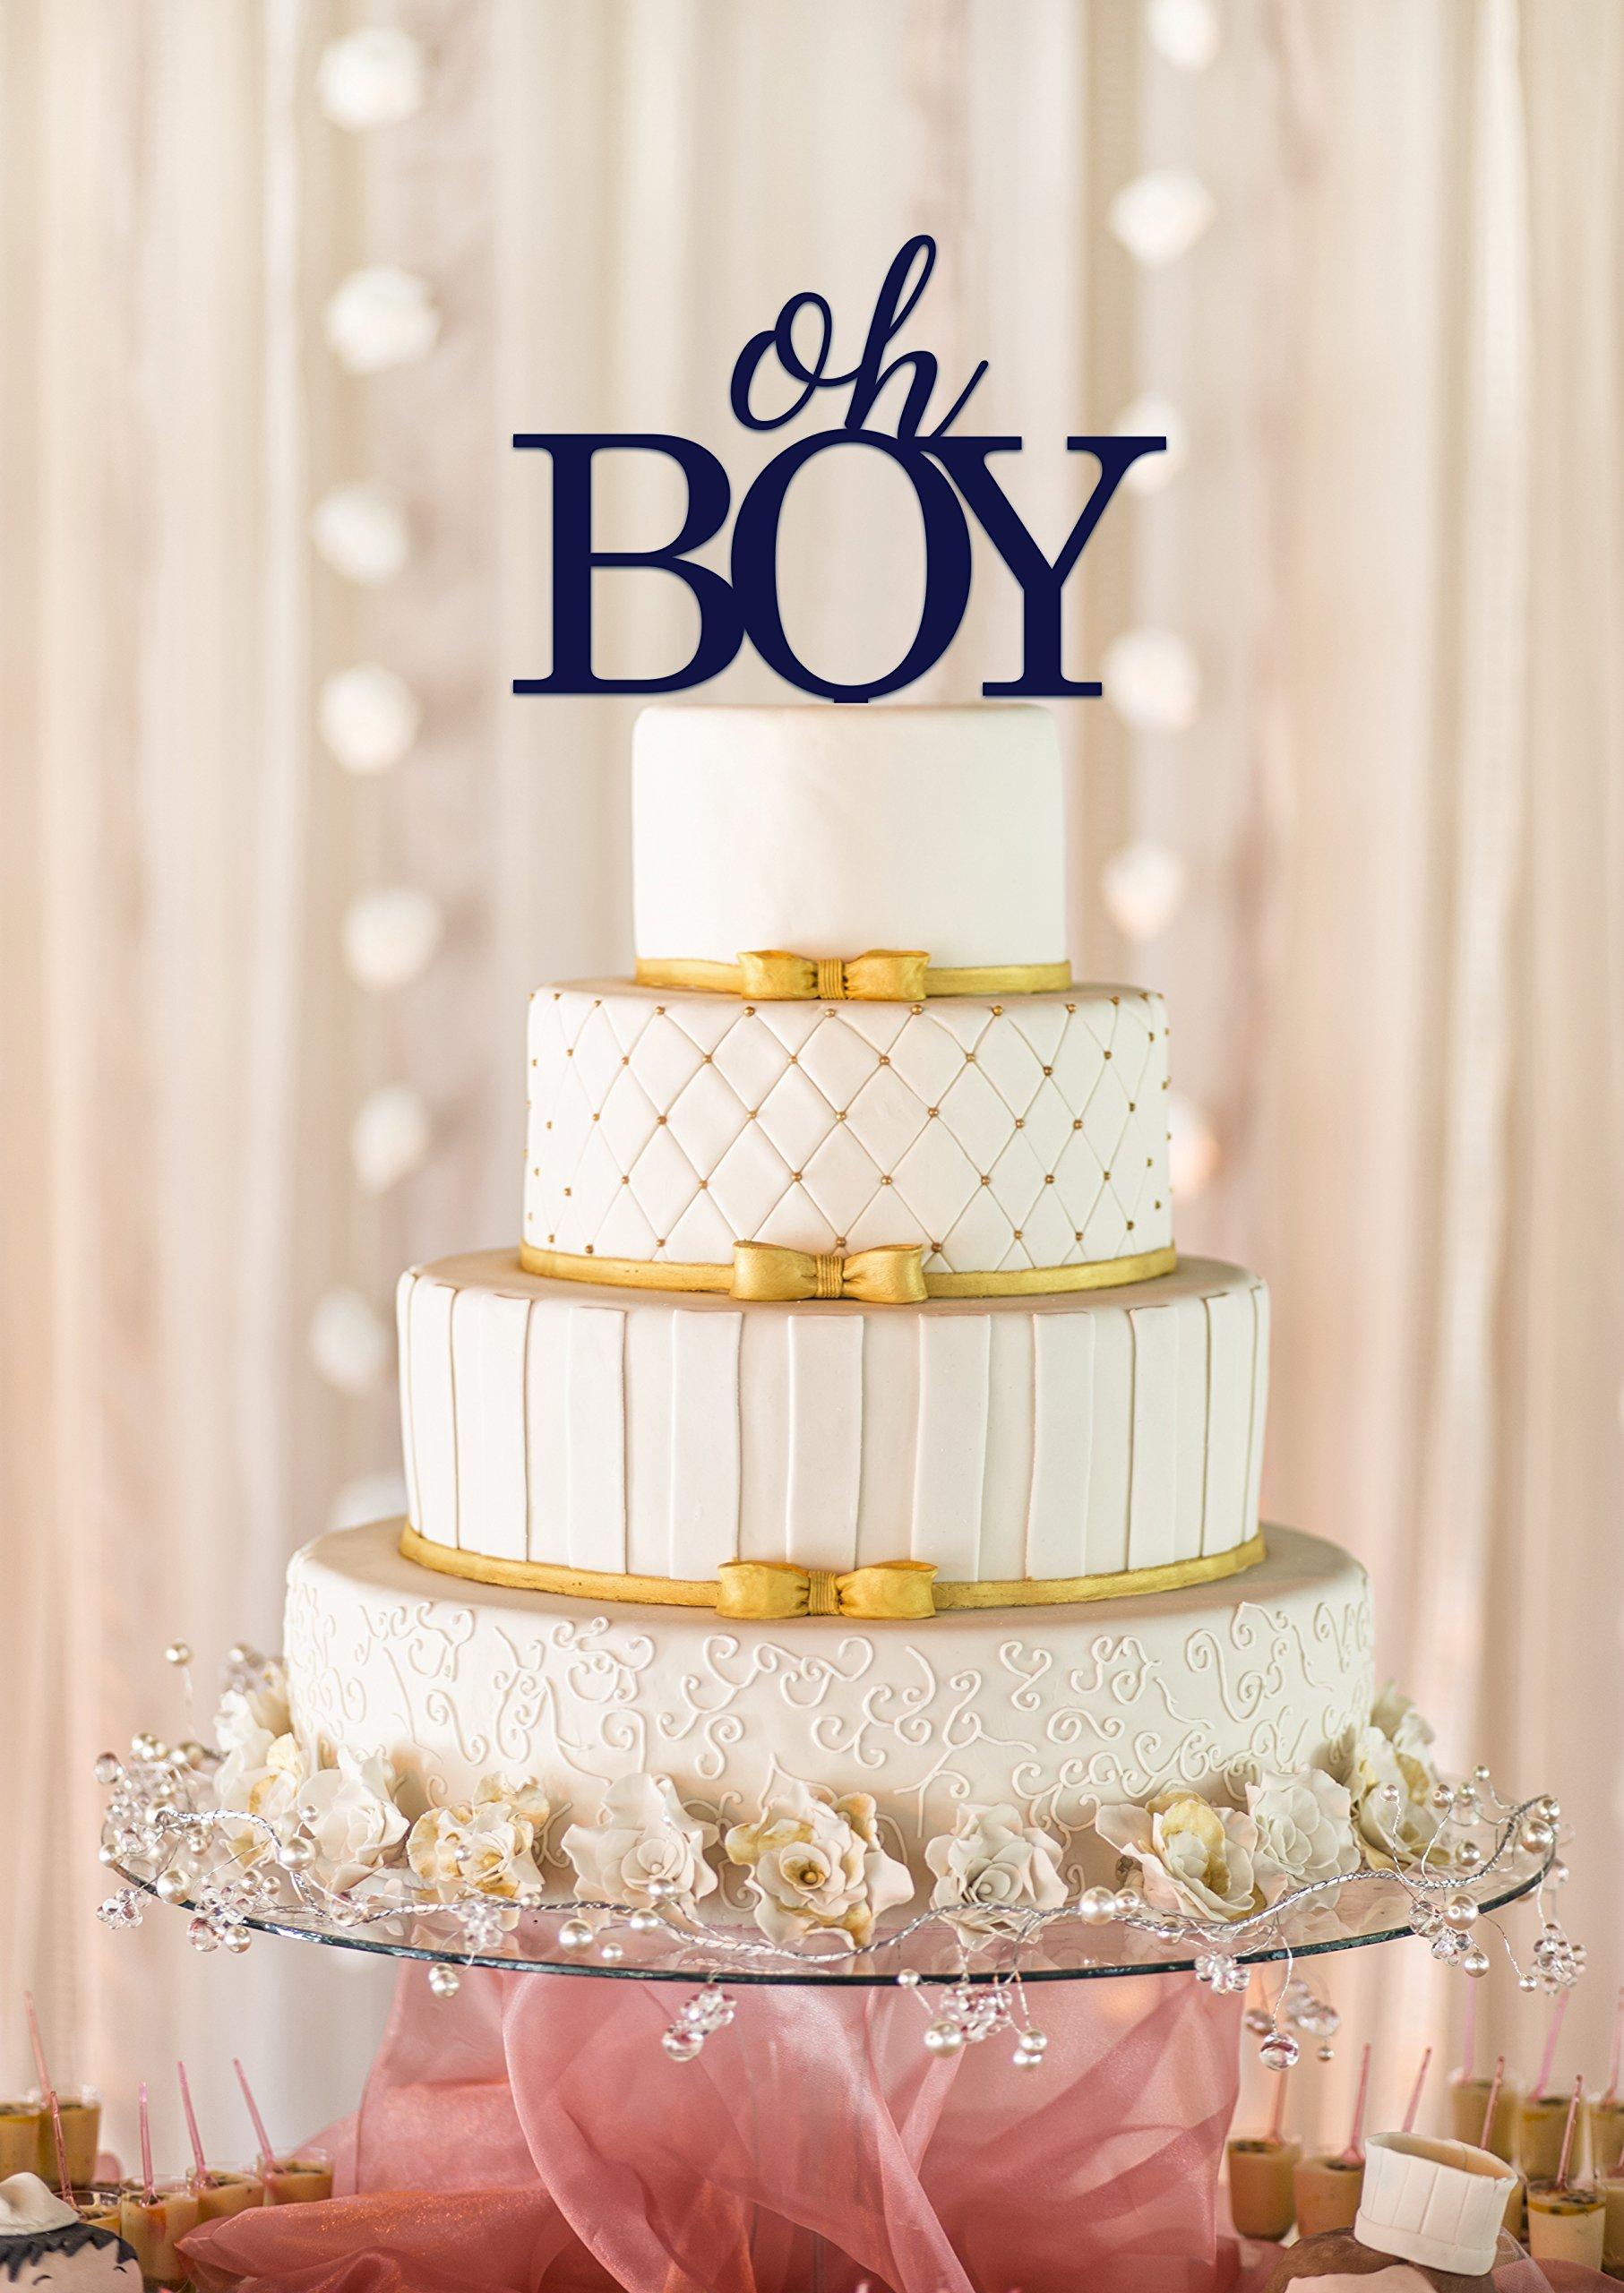 Oh Boy Cake Topper, Baby Shower Cake Topper, Baby Shower Decor, Gender Reveal Cake Topper (6'', Dark Blue)